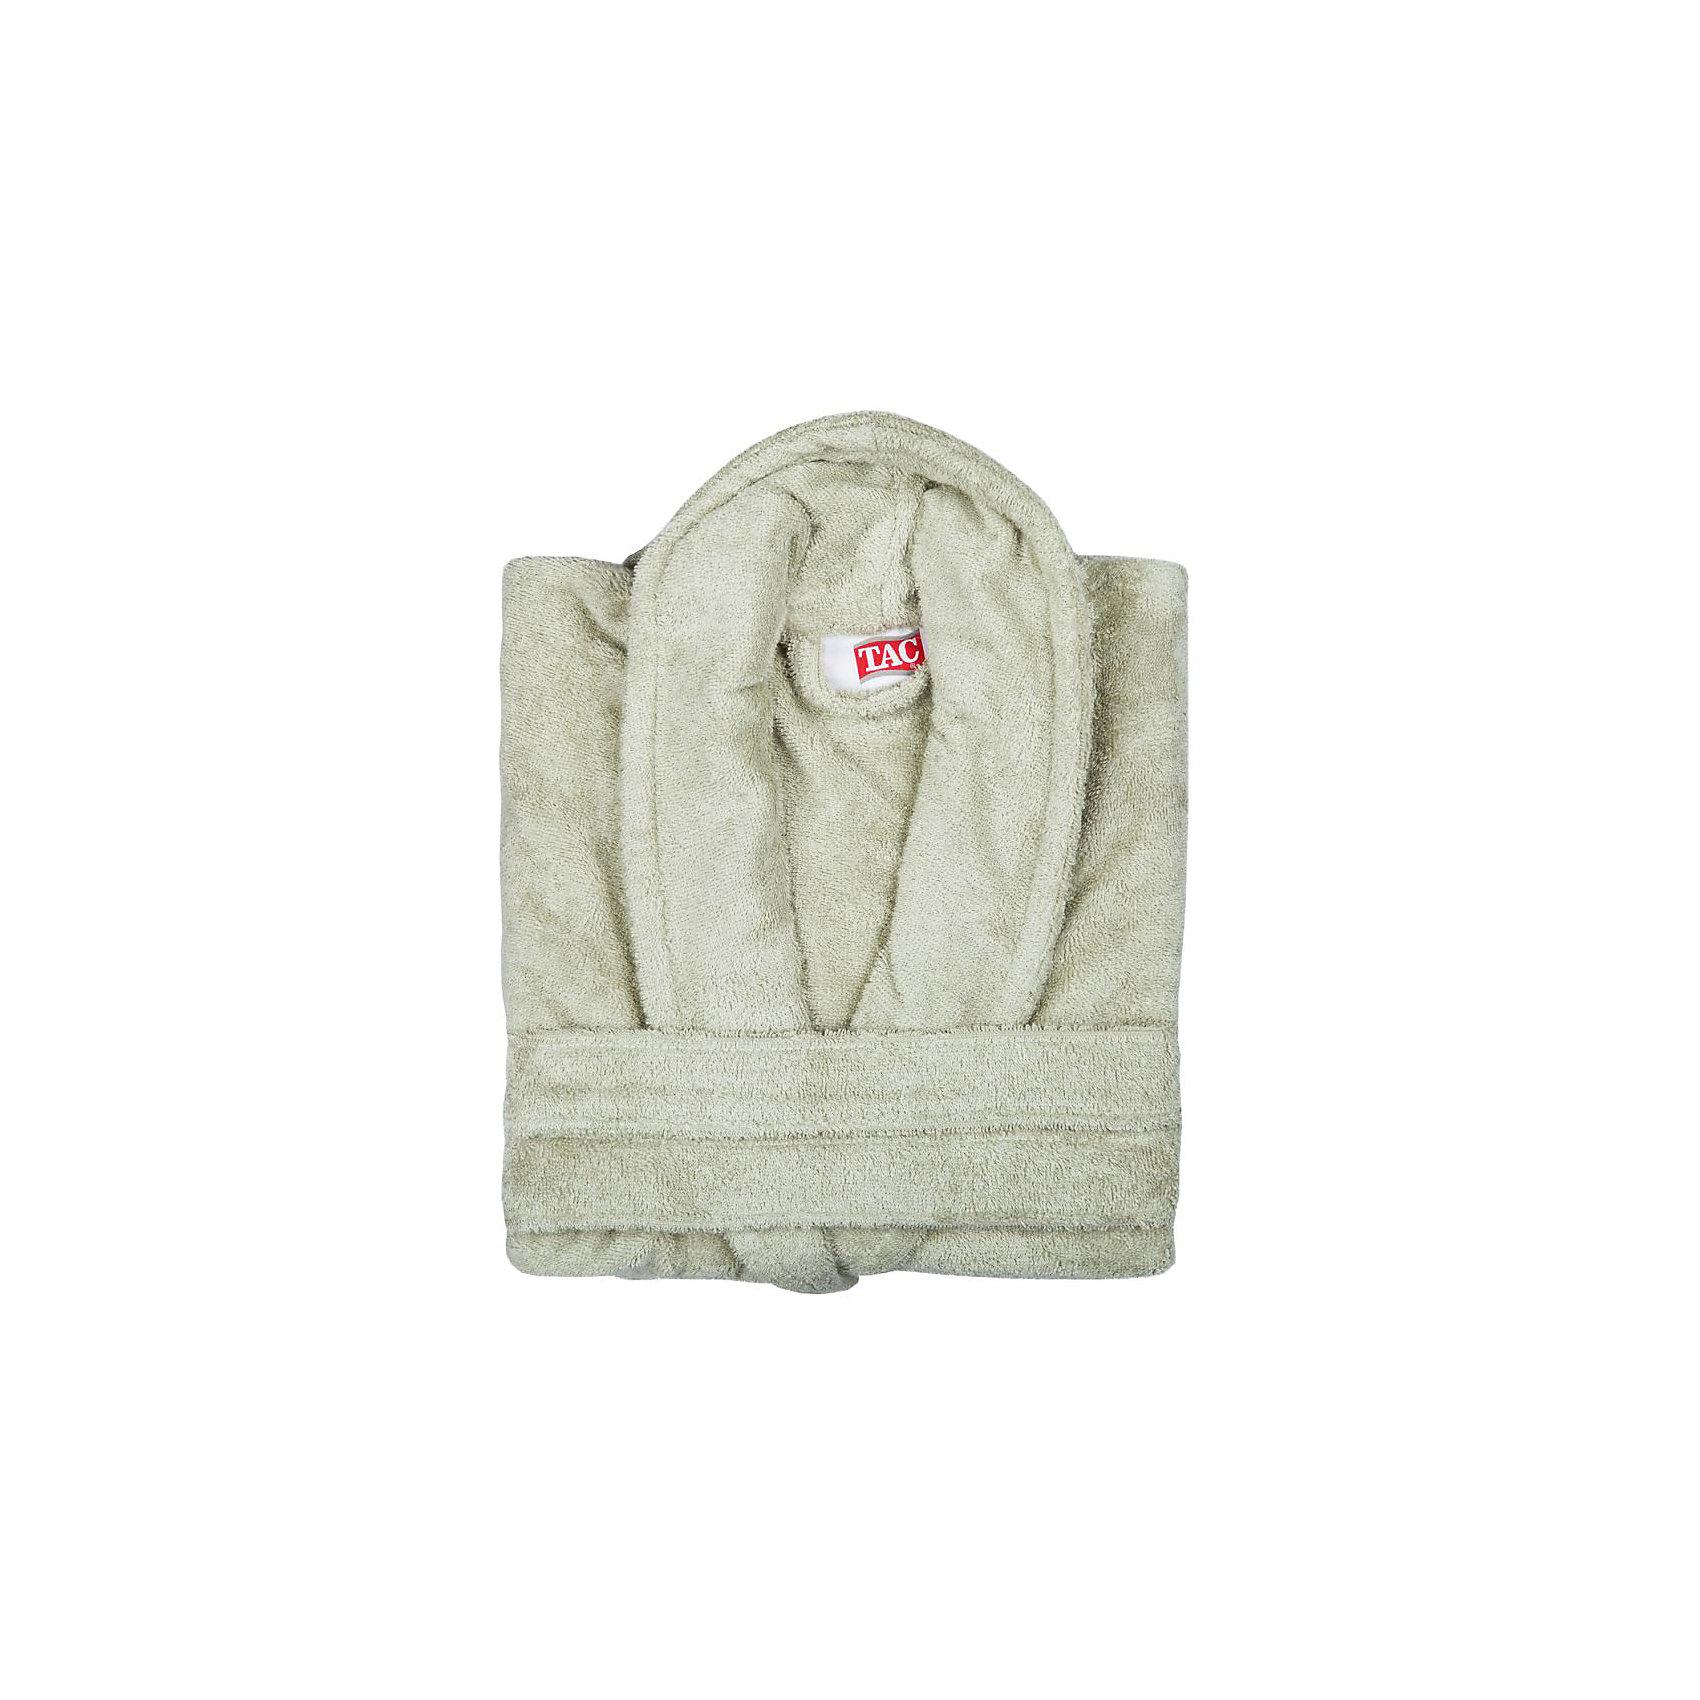 Халат махровый Maison Bambu, L/XL, TAC, фисташковый (cagla)Ванная комната<br>Характеристики:<br><br>• Вид домашнего текстиля: махровый халат<br>• Размер международный/российский: L/XL<br>• Пол: унисекс<br>• Рисунок: без рисунка<br>• Материал: хлопок, 50% хлопок; бамбук, 50%<br>• Цвет: фисташковый<br>• Плотность полотна: 320 гр/м2 <br>• Силуэт: прямой<br>• Рукав: длинный<br>• Воротник: отложной<br>• Застежка: пояс<br>• Вес в упаковке: 1 кг 130 г<br>• Размеры упаковки (Д*Ш*В): 40*10*32 см<br>• Особенности ухода: машинная стирка <br><br>Халат махровый Maison Bambu, L/XL, TAC, фисташковый (cagla) от наиболее популярного бренда на отечественном рынке среди производителей комплектов постельного белья и текстильных принадлежностей, выпуском которого занимается производственная компания, являющаяся частью мирового холдинга Zorlu Holding Textiles Group. Халат выполнен из сочетания натурального хлопка и бамбукового волокна, что обеспечивает гипоаллергенность, высокую износоустойчивость, повышенные гигкоскопические и антибактериальные свойства изделия. Благодаря высокой степени плотности махры, халат отлично впитывает влагу, но при этом остается мягким. <br><br>Ворс окрашен стойкими нетоксичными красителями, который не оставляет запаха и обеспечивает ровный окрас. Изделие сохраняет свой цвет и форму даже при частых стирках. Халат прямого кроя с длинными рукавами и отложным воротником идеально подходит для посещения бани или сауны, а в прохладные вечера обеспечит комфорт и уют своему владельцу. Выполнен в фисташковом цвете без рисунка.<br><br>Халат махровый Maison Bambu, L/XL, TAC, фисташковый (cagla) можно купить в нашем интернет-магазине.<br><br>Ширина мм: 290<br>Глубина мм: 90<br>Высота мм: 400<br>Вес г: 1400<br>Возраст от месяцев: 216<br>Возраст до месяцев: 1188<br>Пол: Унисекс<br>Возраст: Детский<br>SKU: 5476364